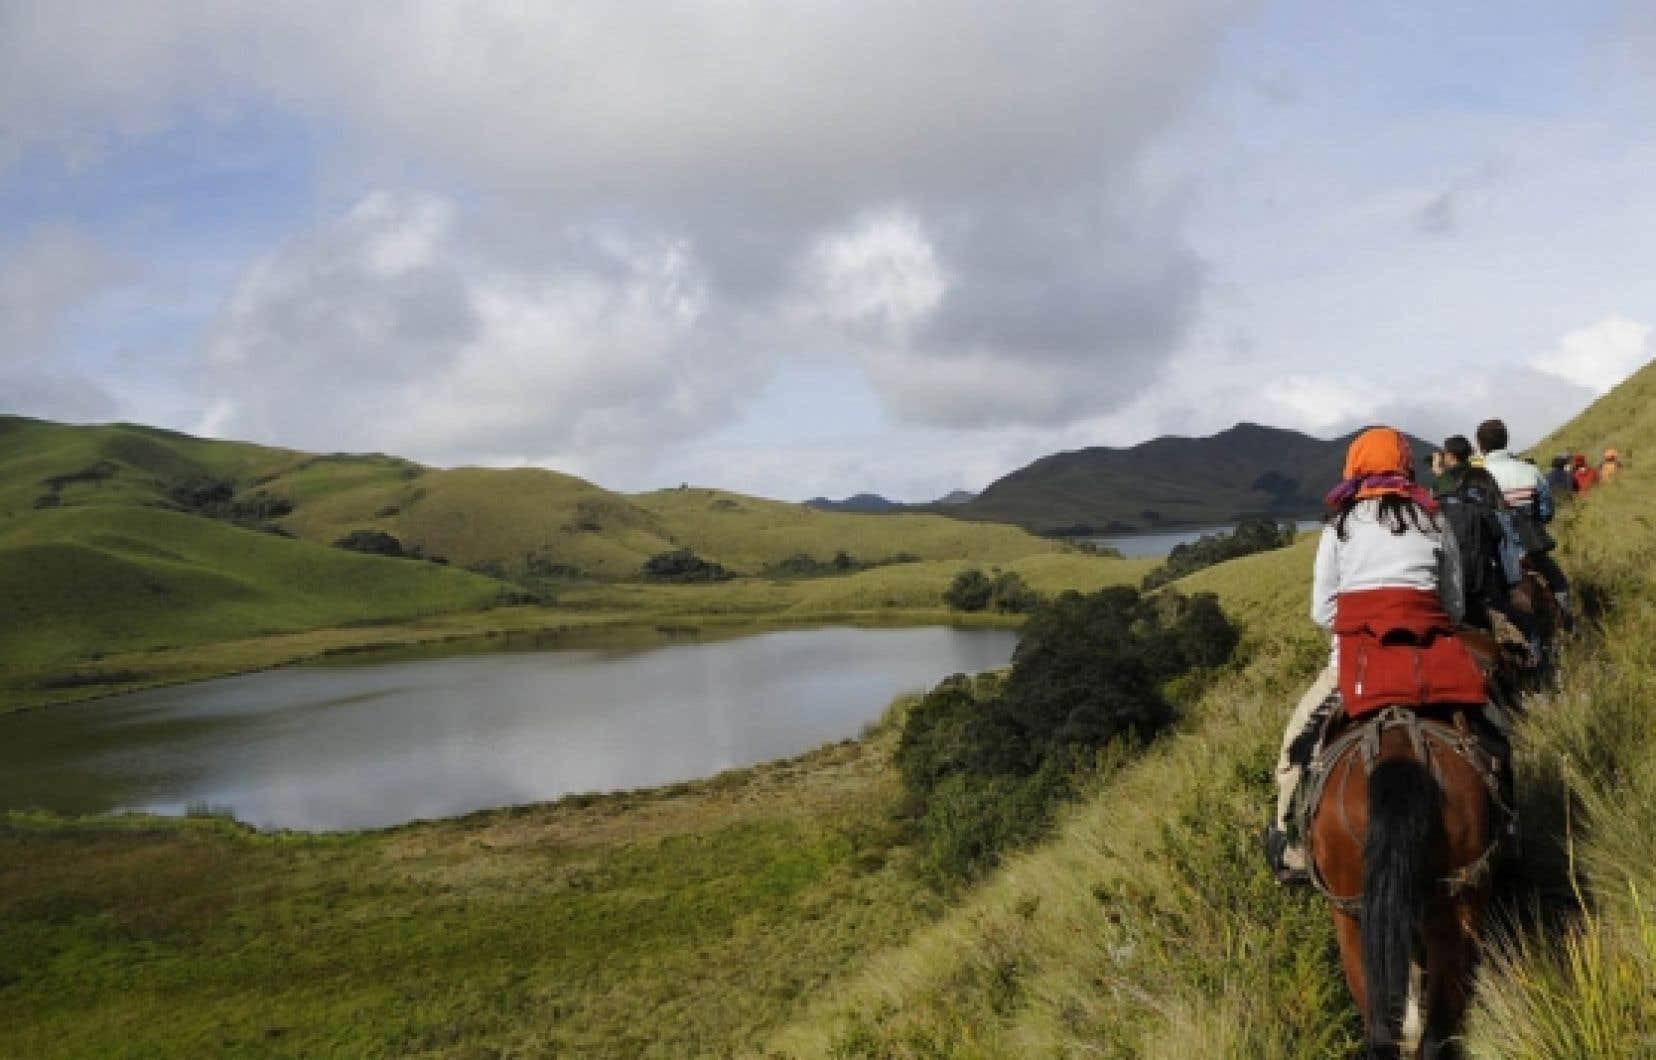 Un groupe de touristes se promènent à dos de cheval près de la communauté de Pinan, en Équateur. <br />